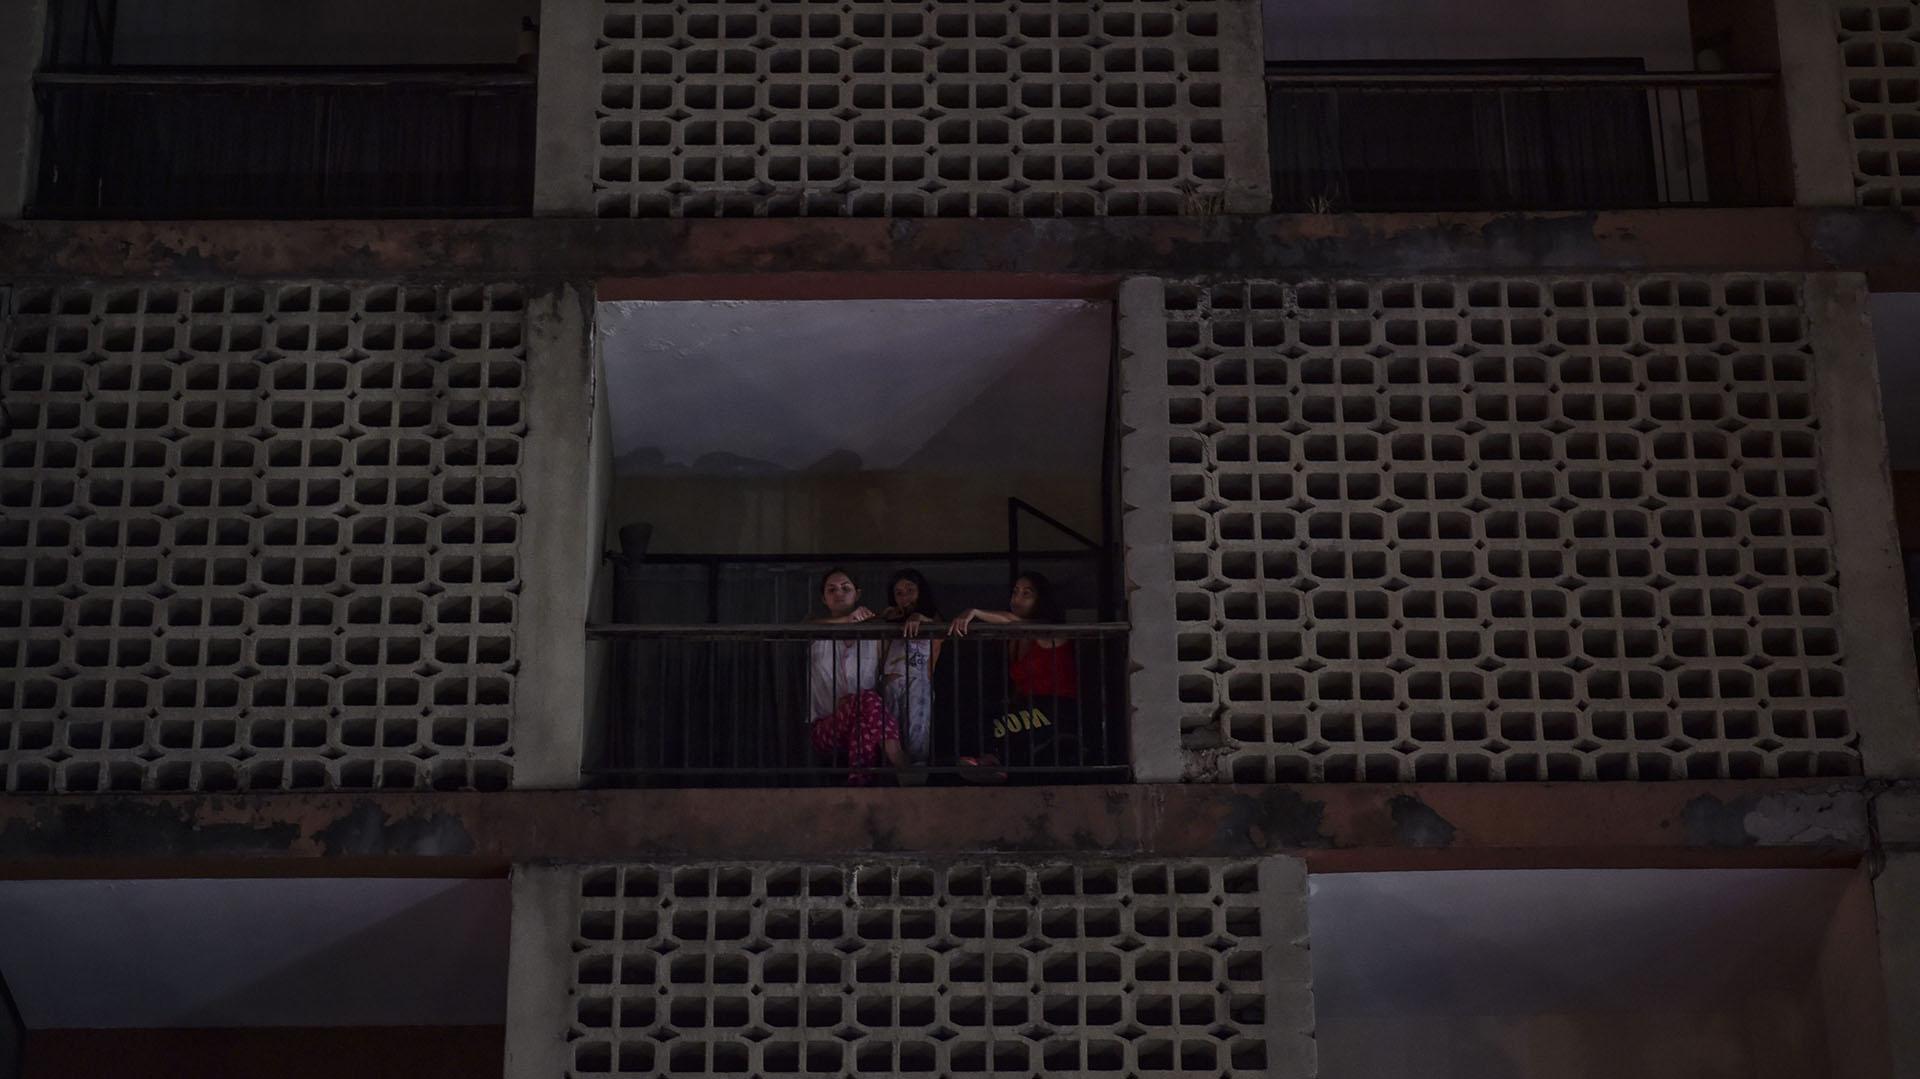 En Venezuela son frecuentes las fallas del servicio eléctrico, que controla el Estado a través de Corpoelec.